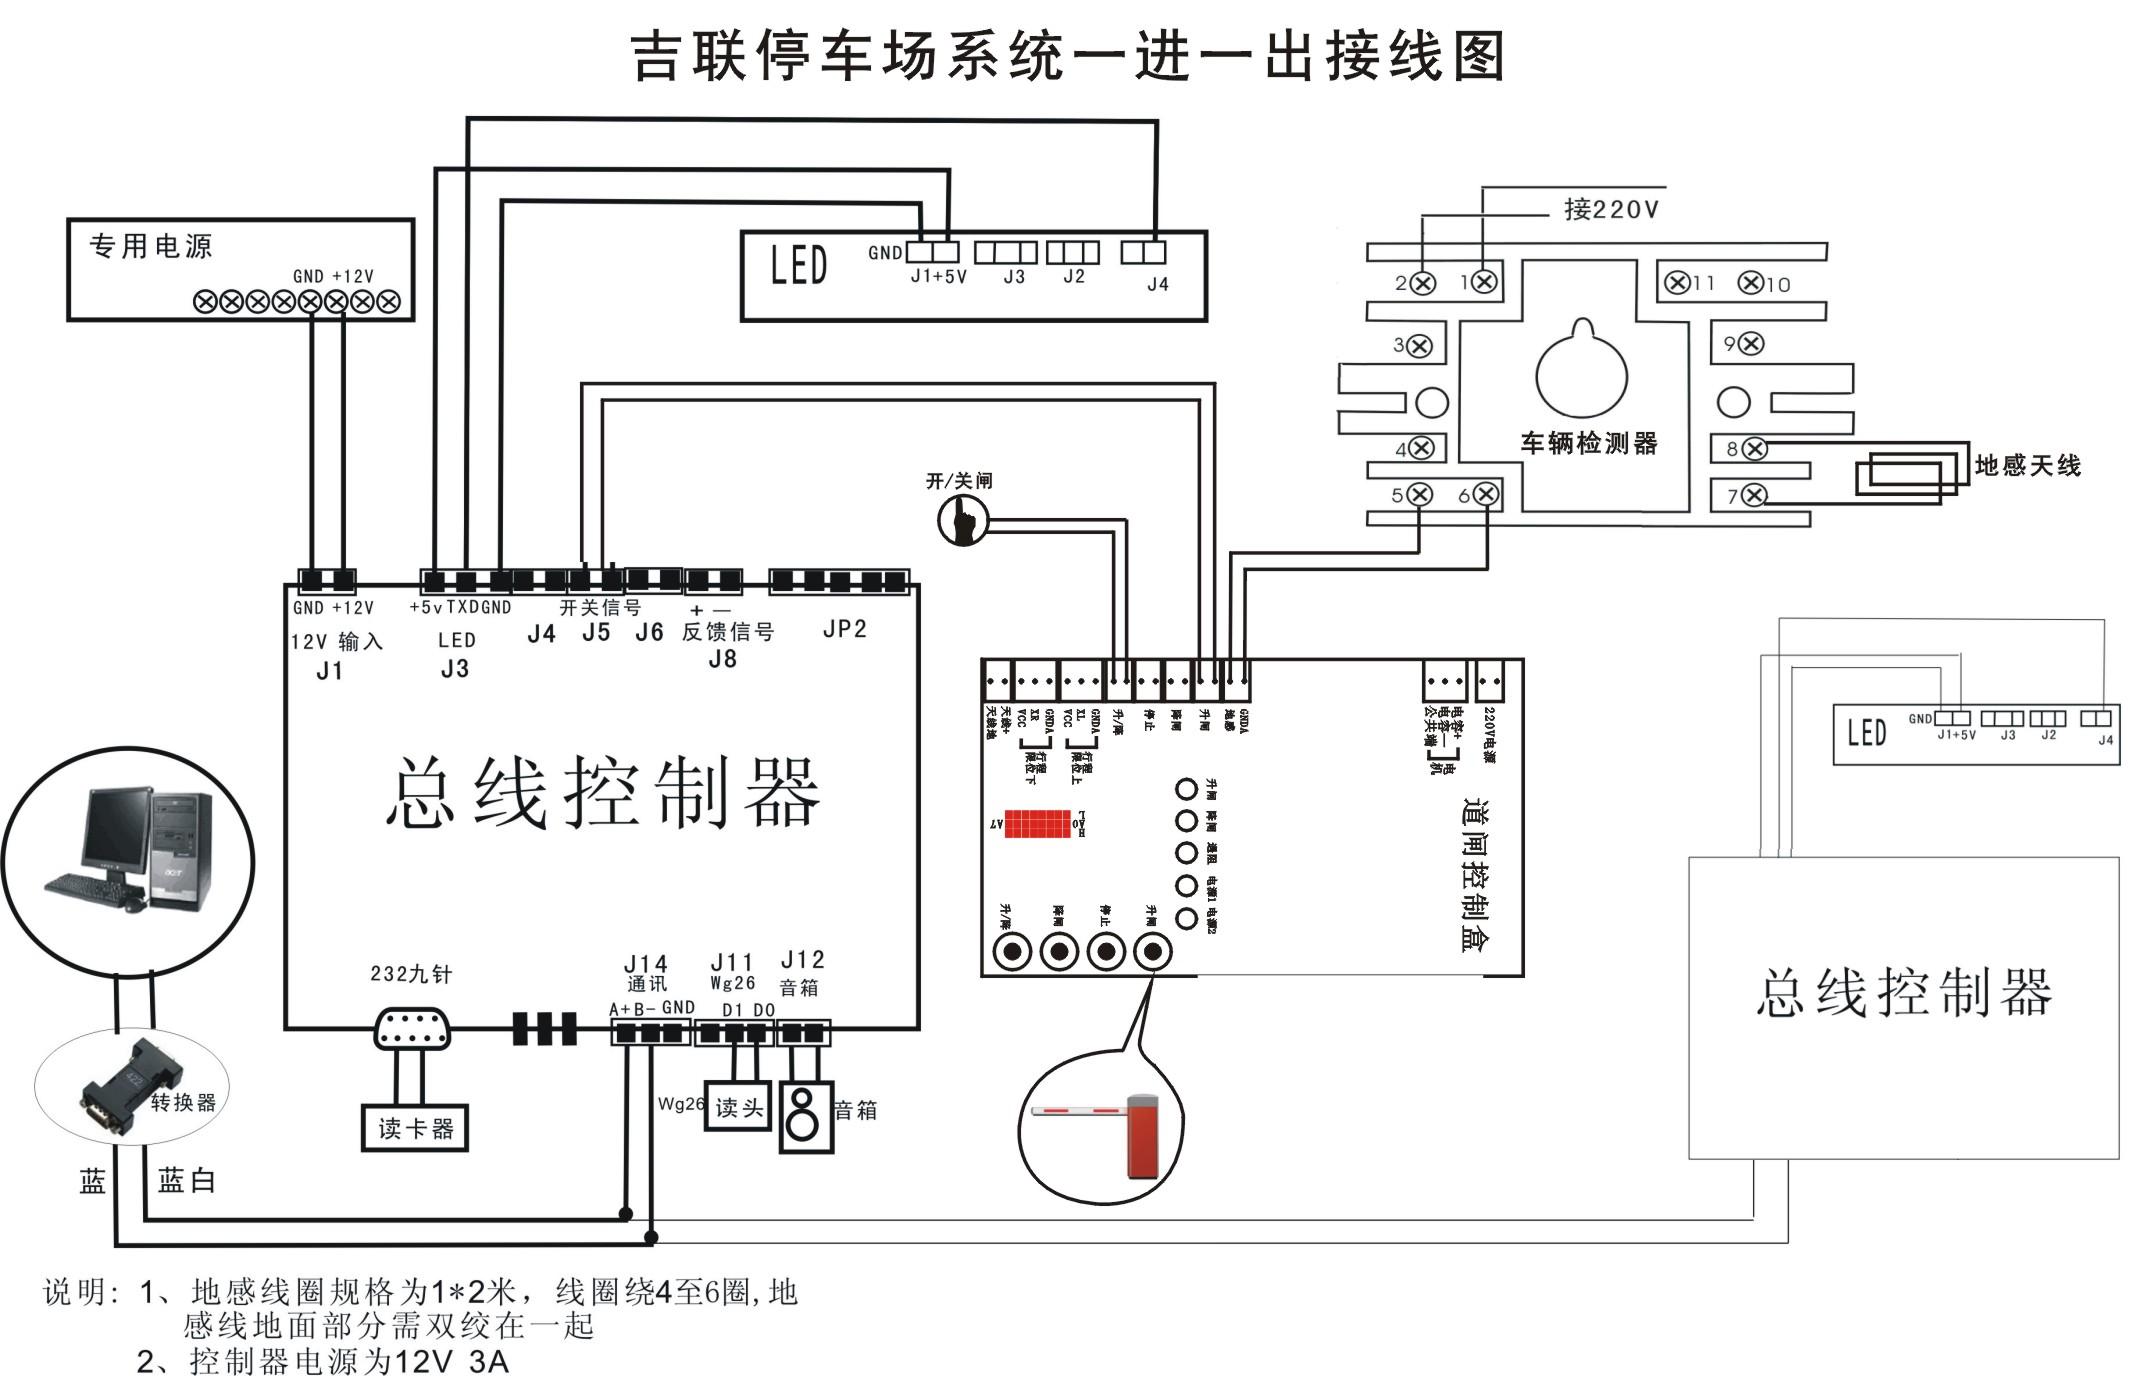 道闸系统控制原理图 道闸系统常见故障处理